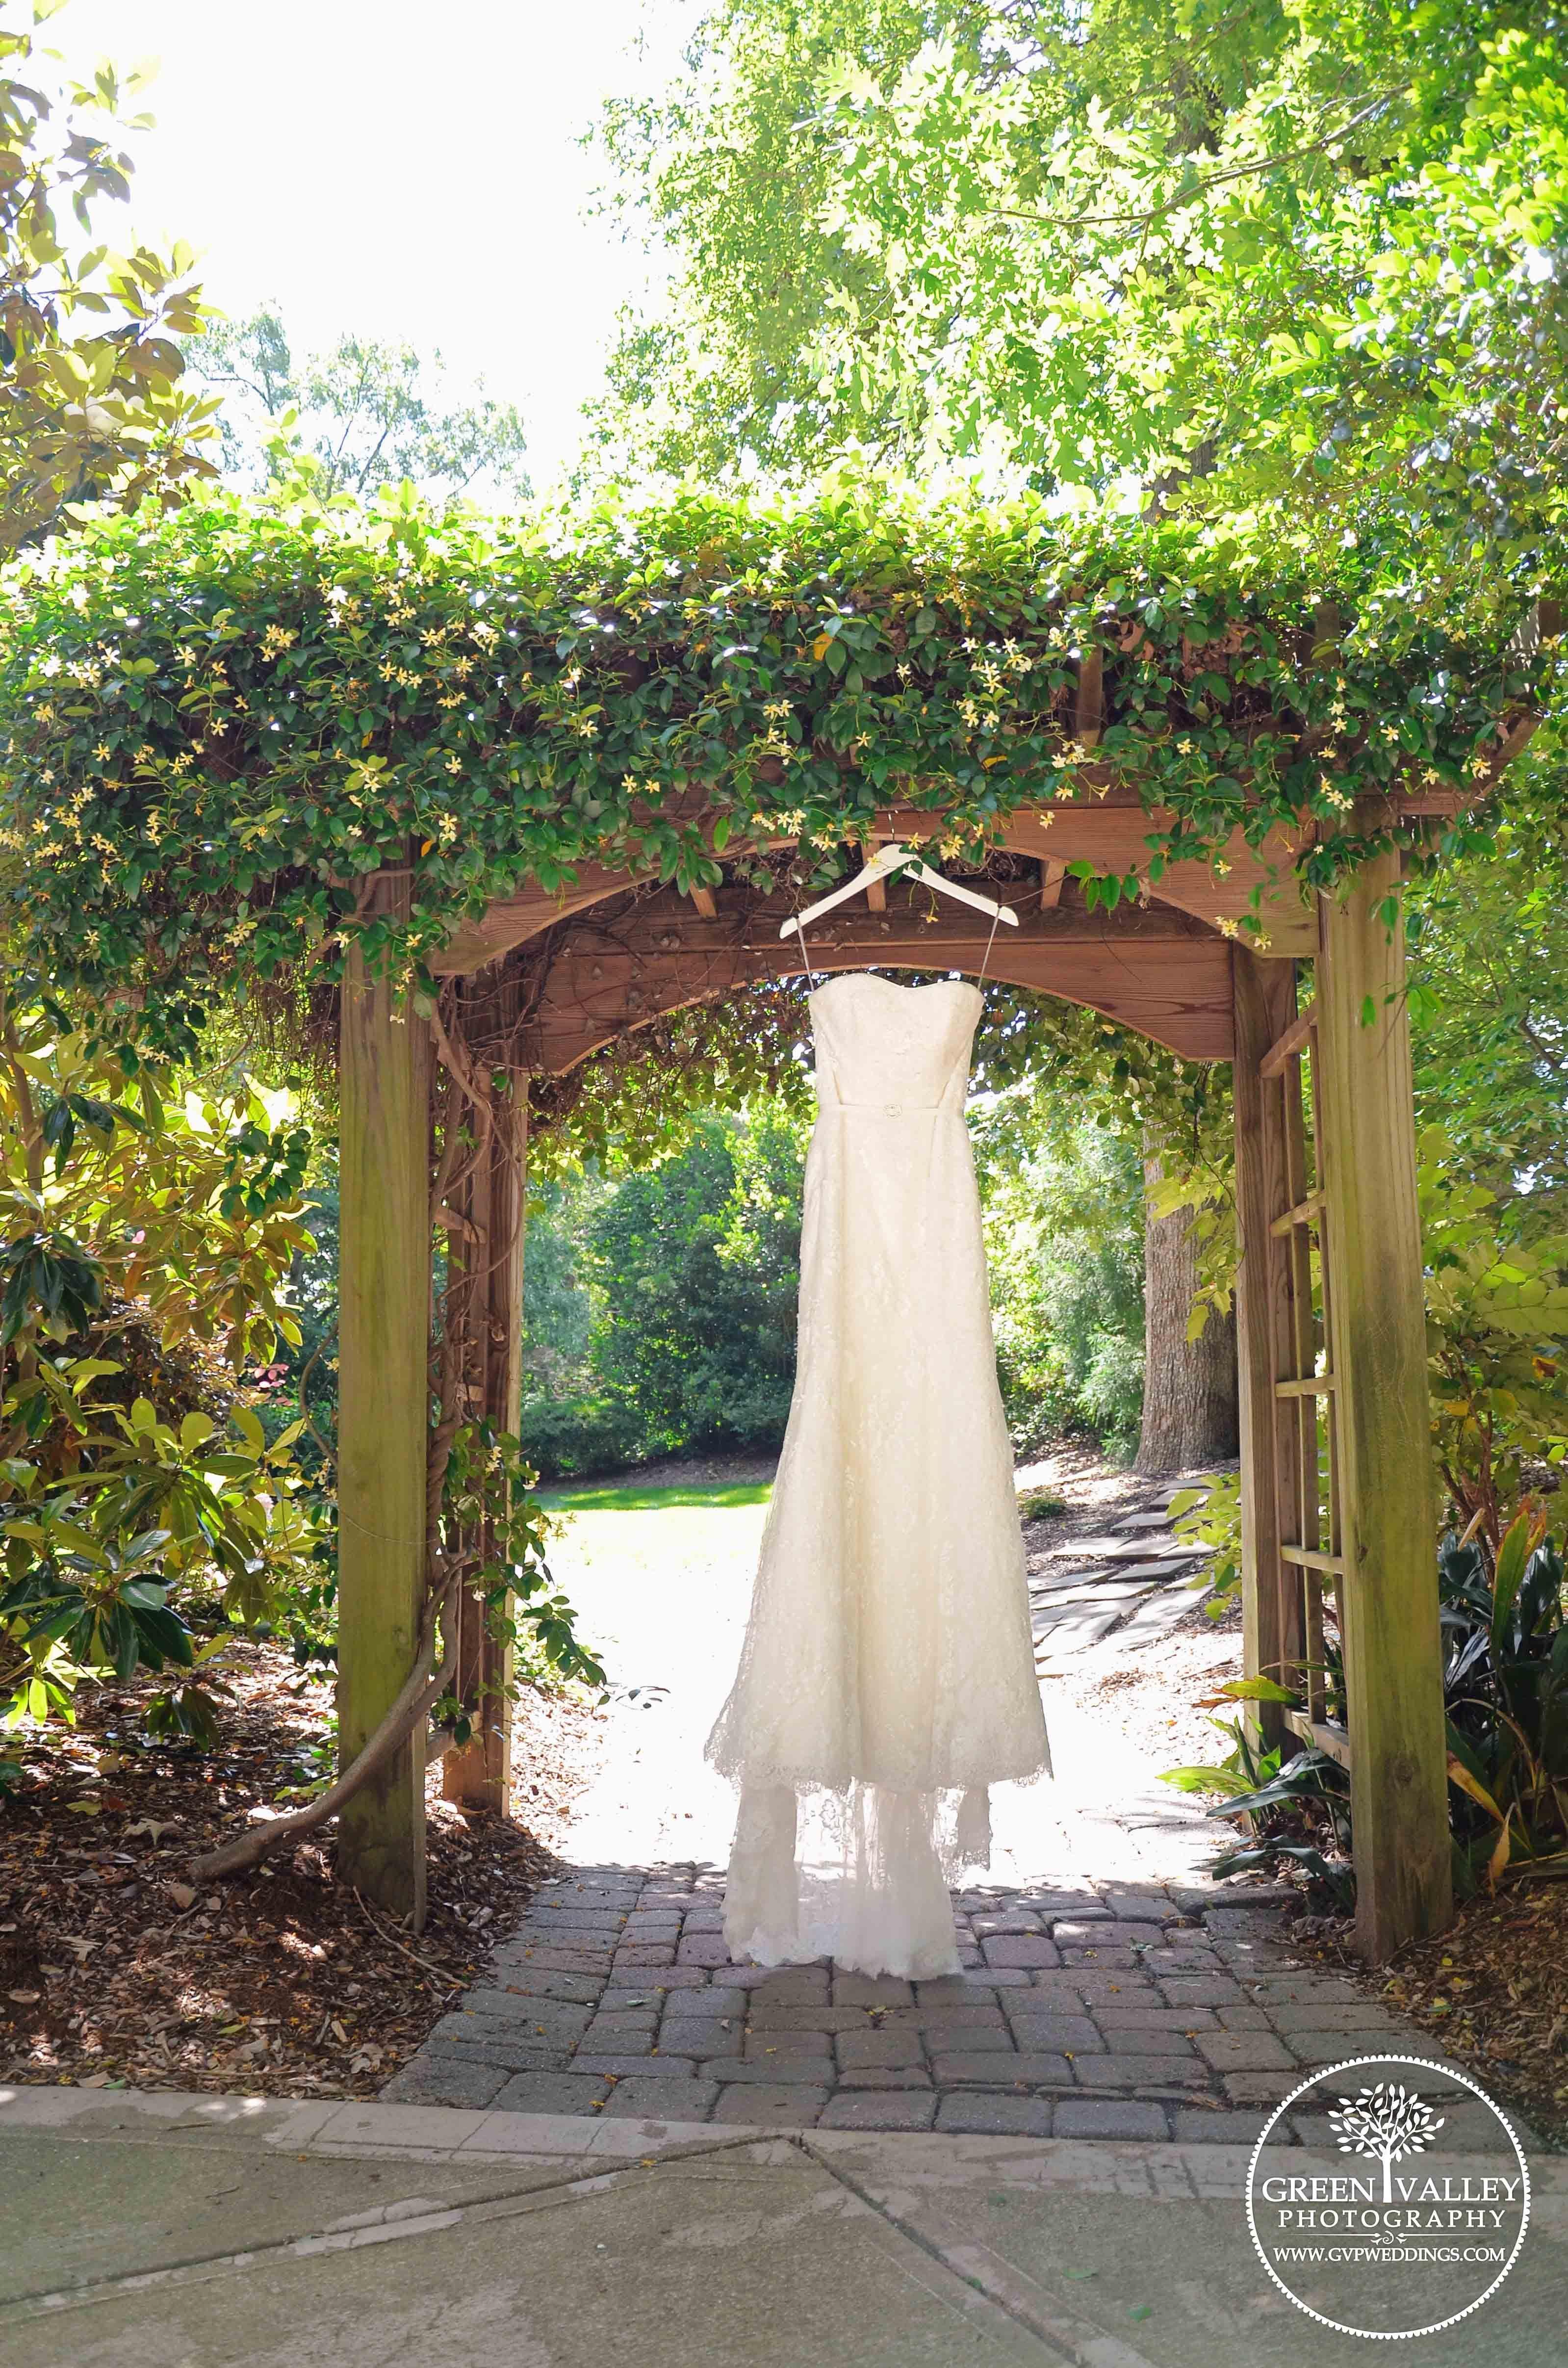 38+ The oaks wedding venue midland nc info